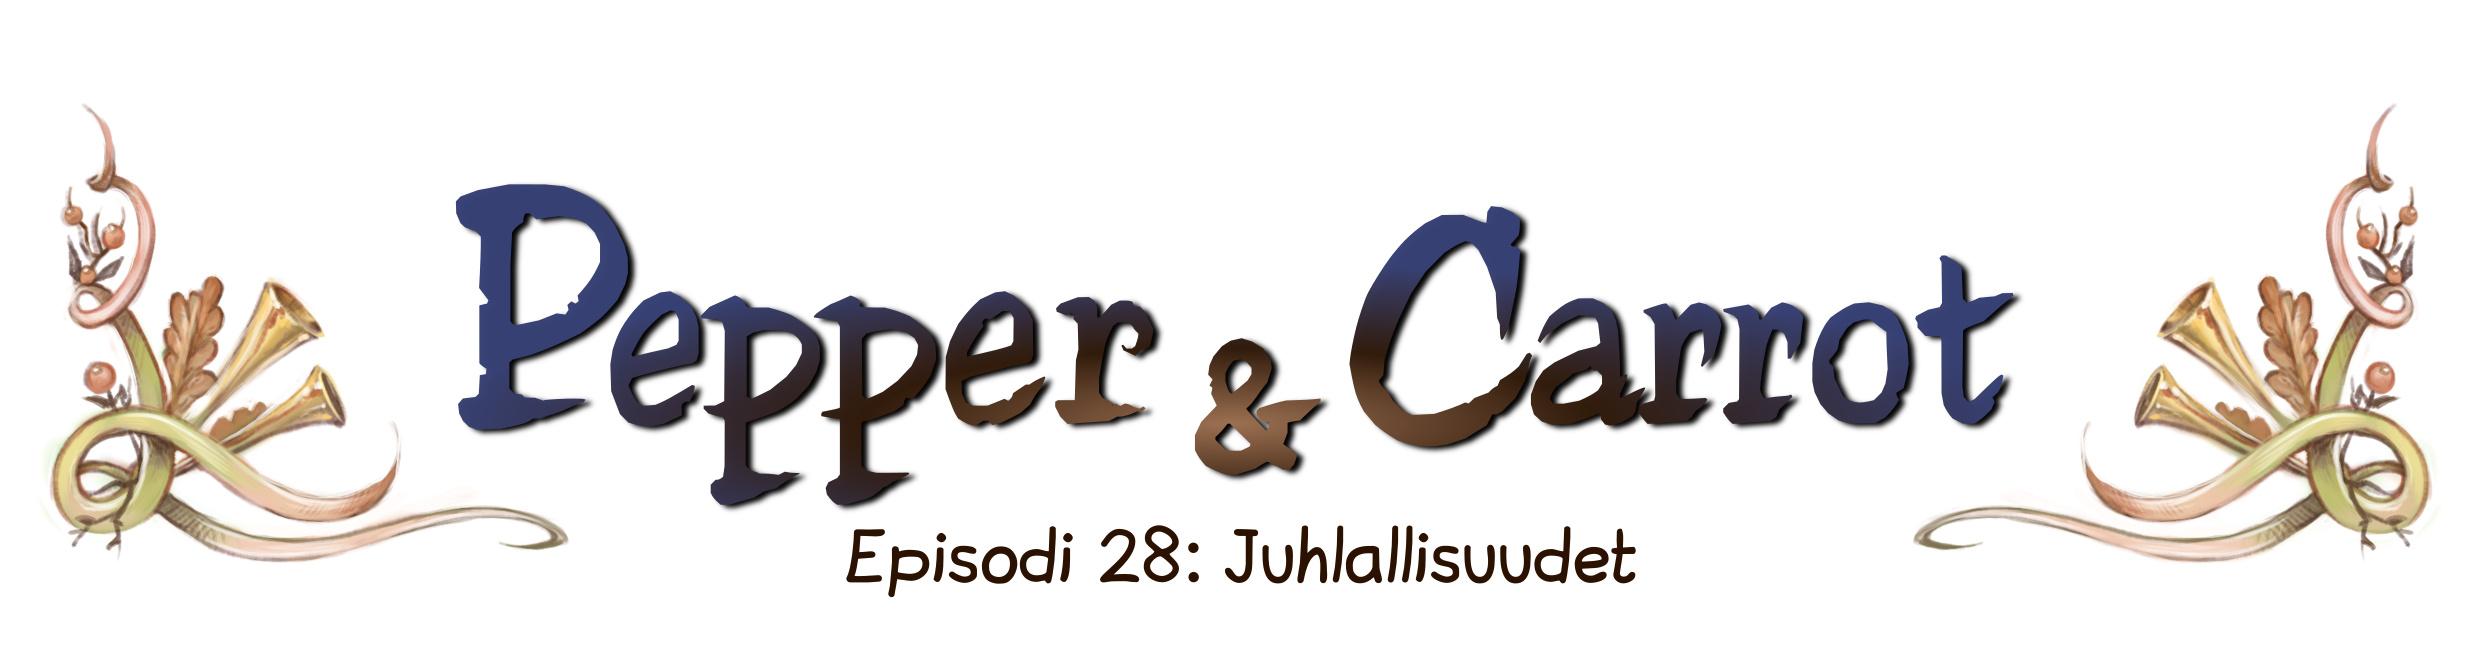 Episodi 28: Juhlallisuudet